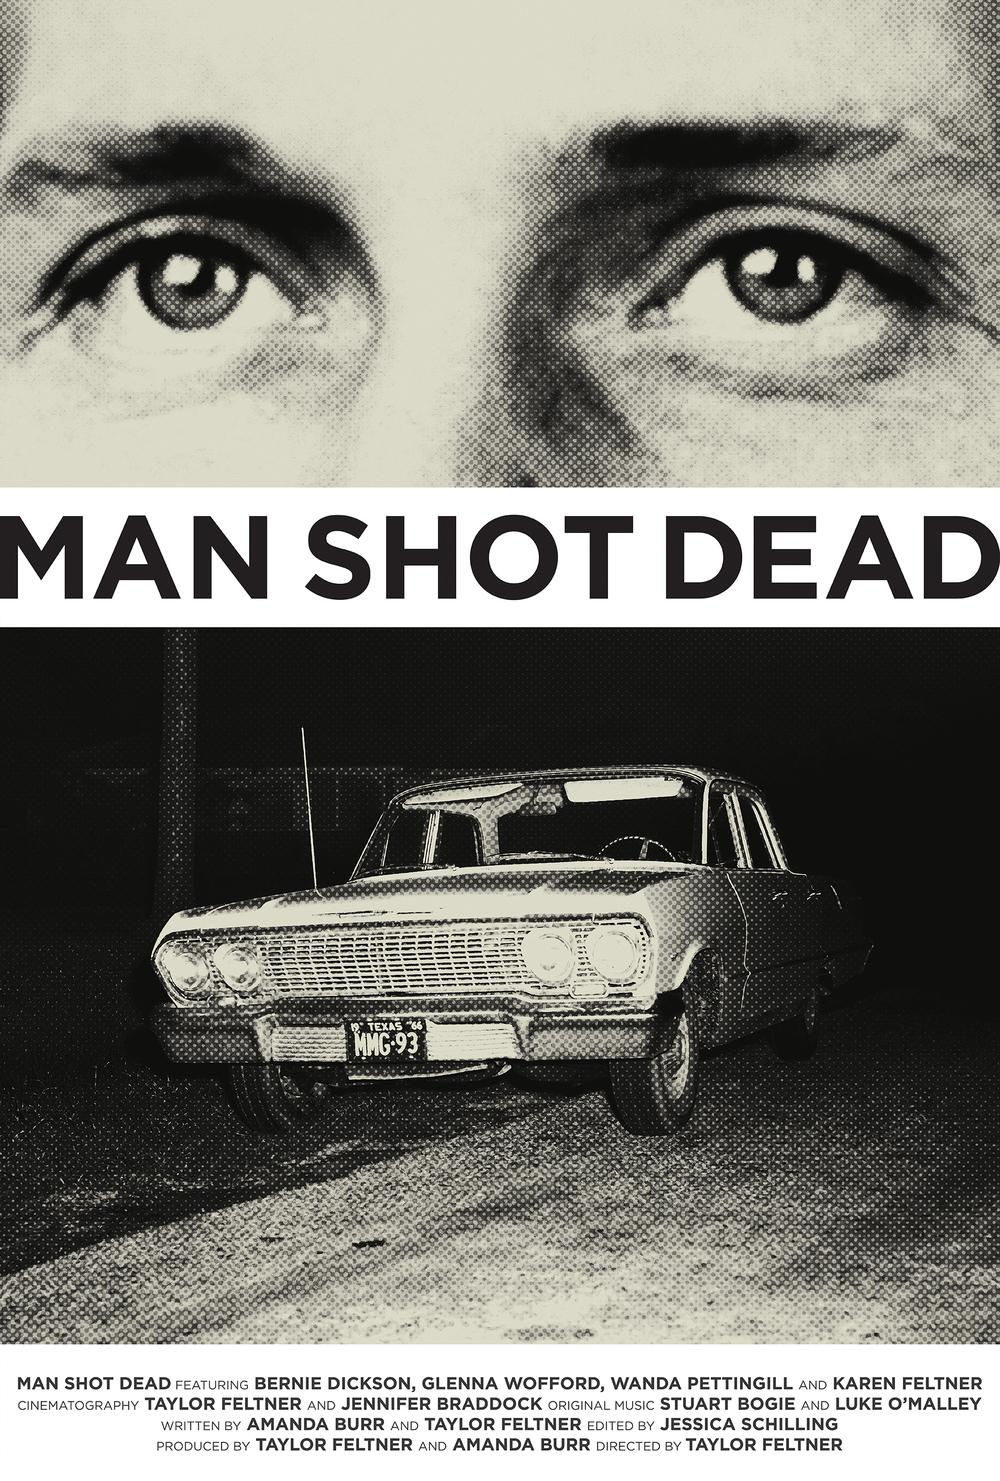 MAND_SHOT_DEAD_POSTER_V003.jpg